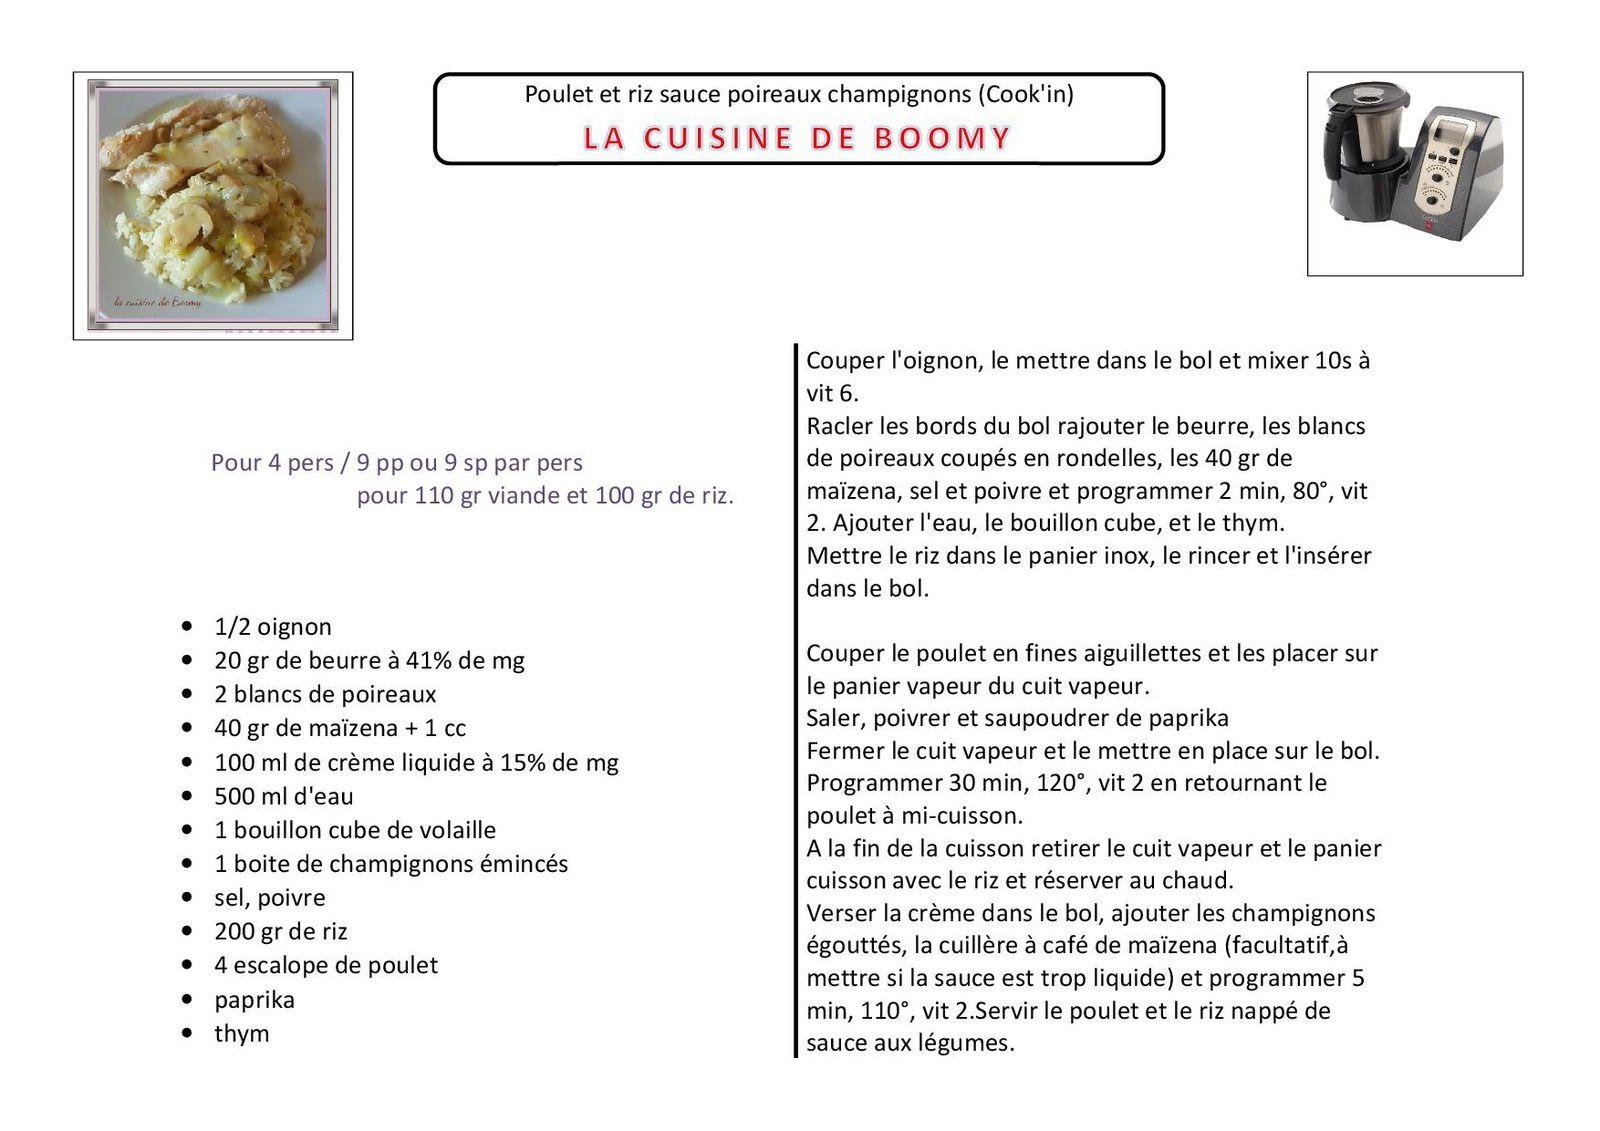 Poulet et riz sauce poireaux champignons (Cook'in)